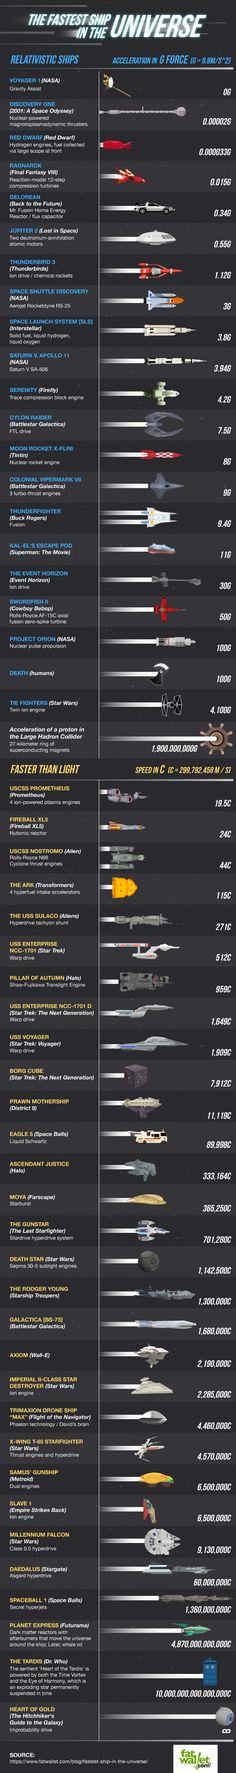 ¿Cuál es la nave más veloz de la ciencia ficción?